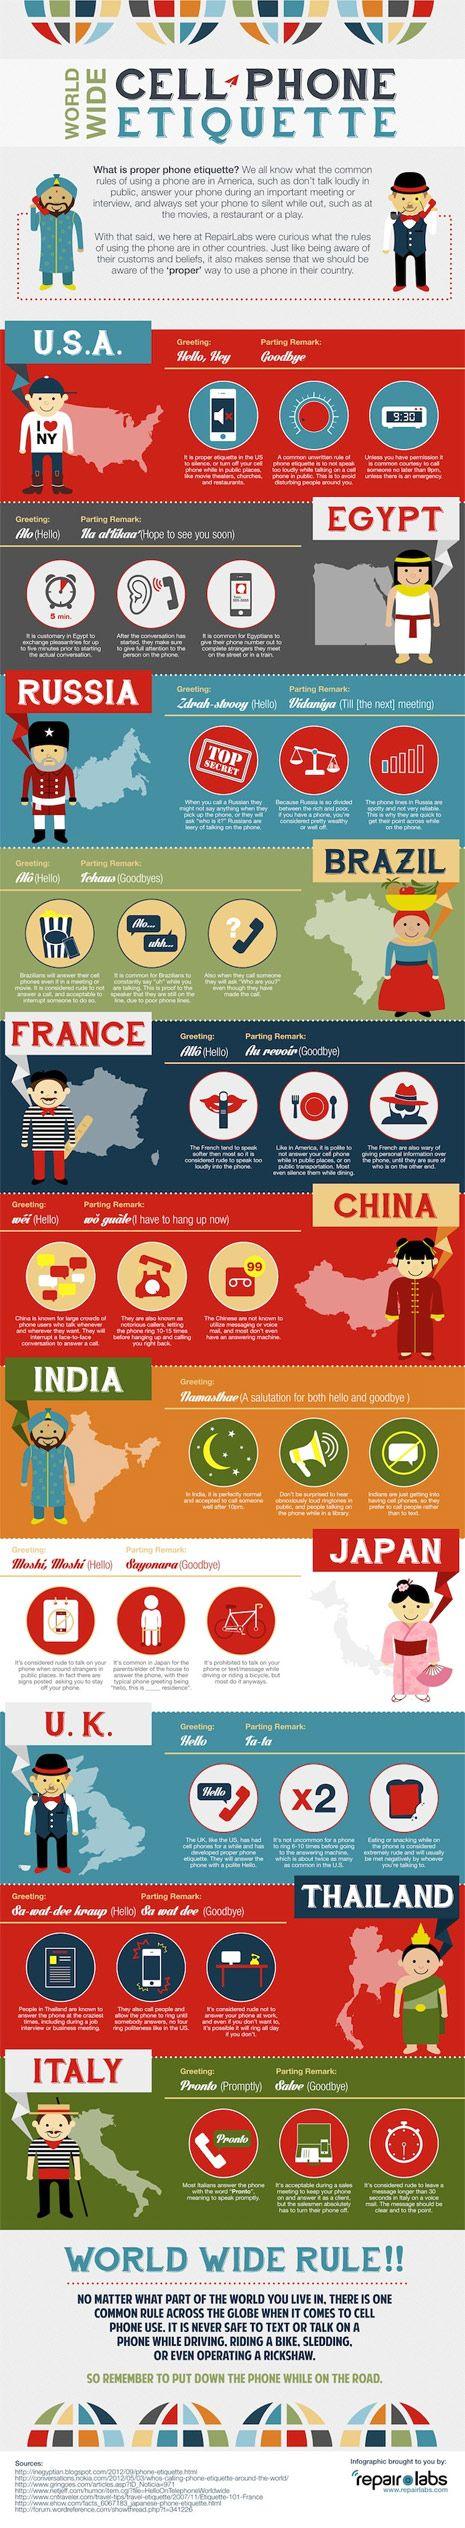 Normas de etiqueta para utilizar el móvil alrededor del mundo